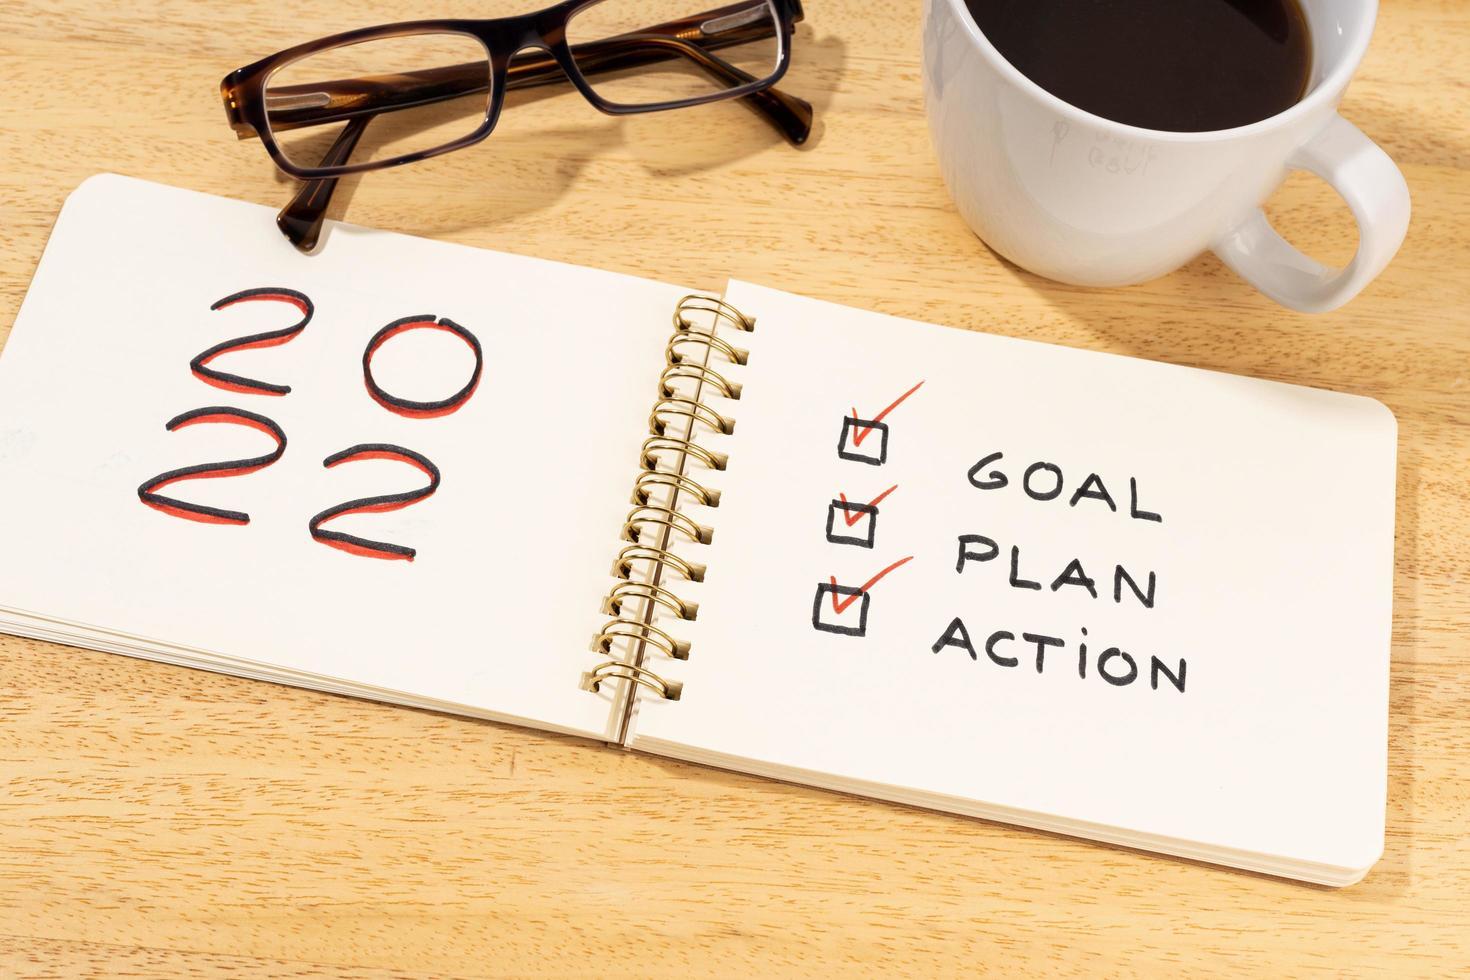 neues Jahr 2022 Ziel, Plan, Aktionstext auf Notizblock auf Holzschreibtisch. Motivationschecklistenkonzept foto